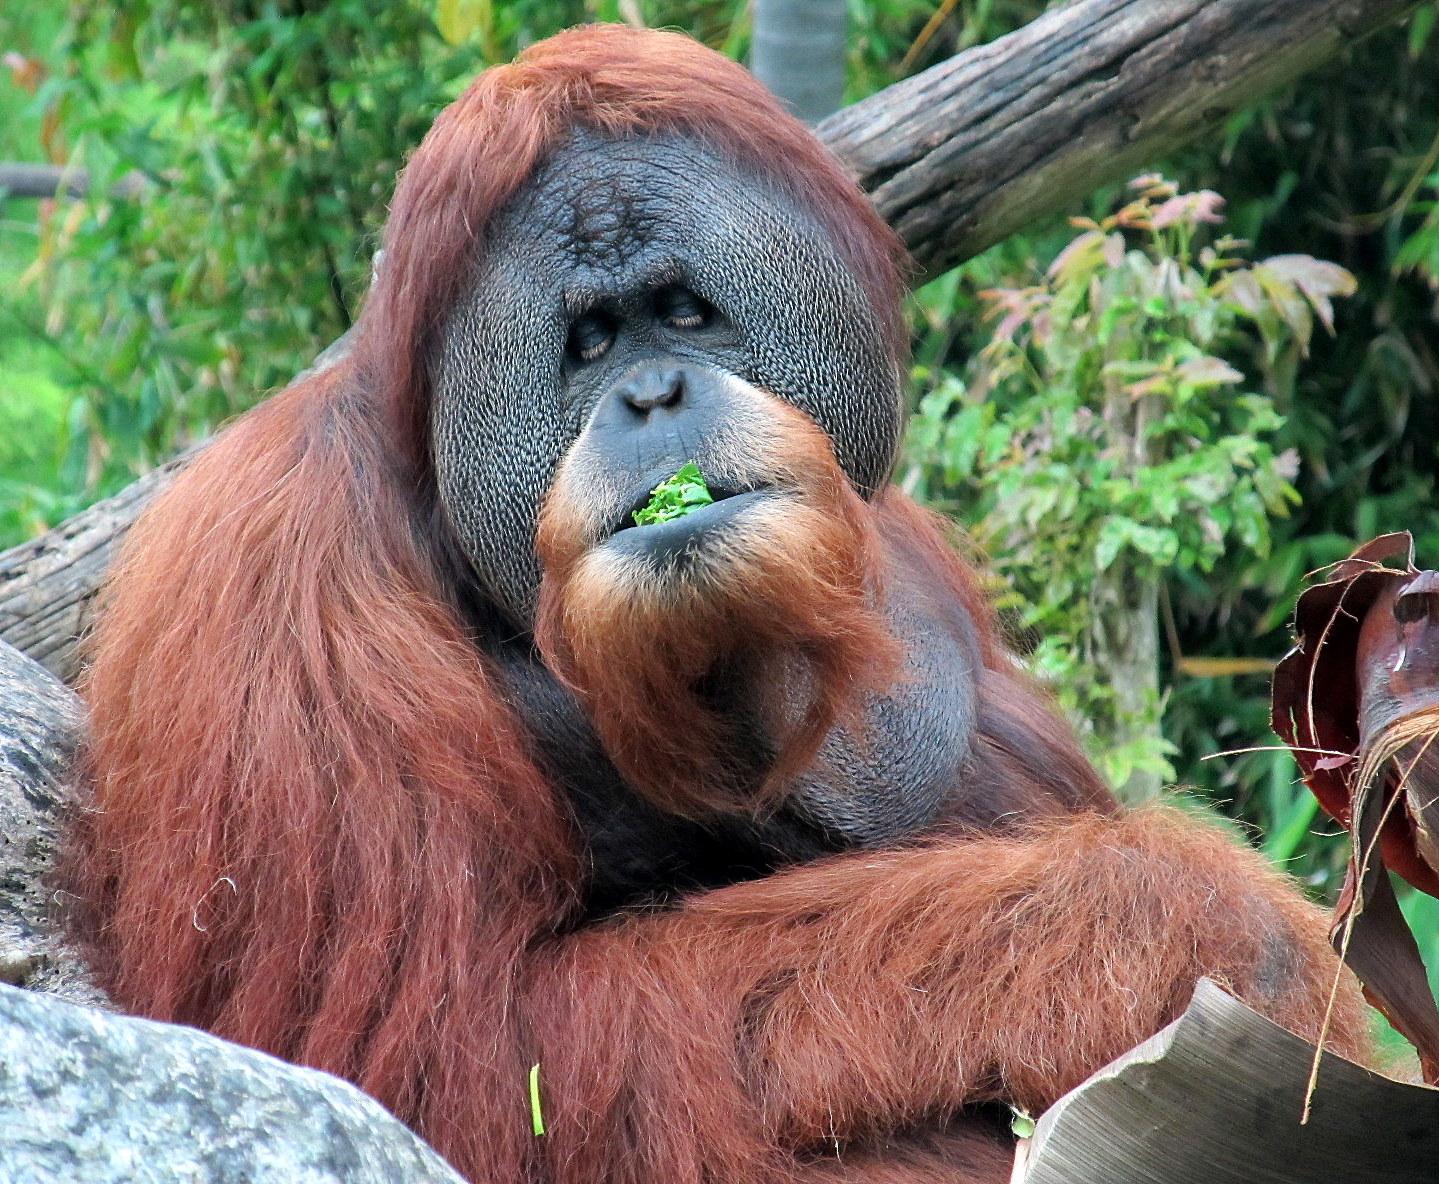 orangutan - endangered species - Satu -